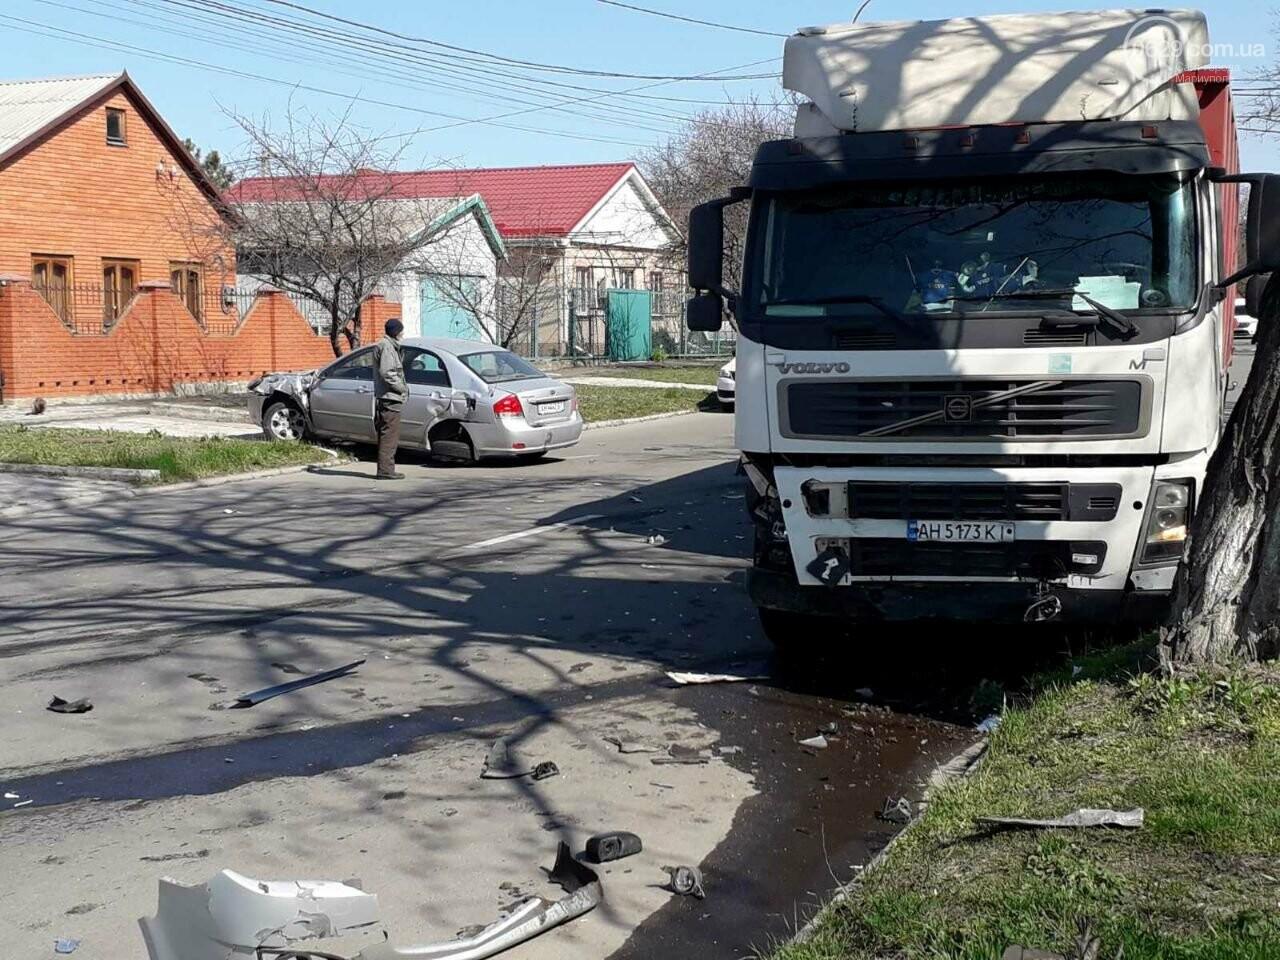 Тройное ДТП с пострадавшими. В Мариуполе столкнулись две легковушки и грузовик,  - ФОТО, фото-4